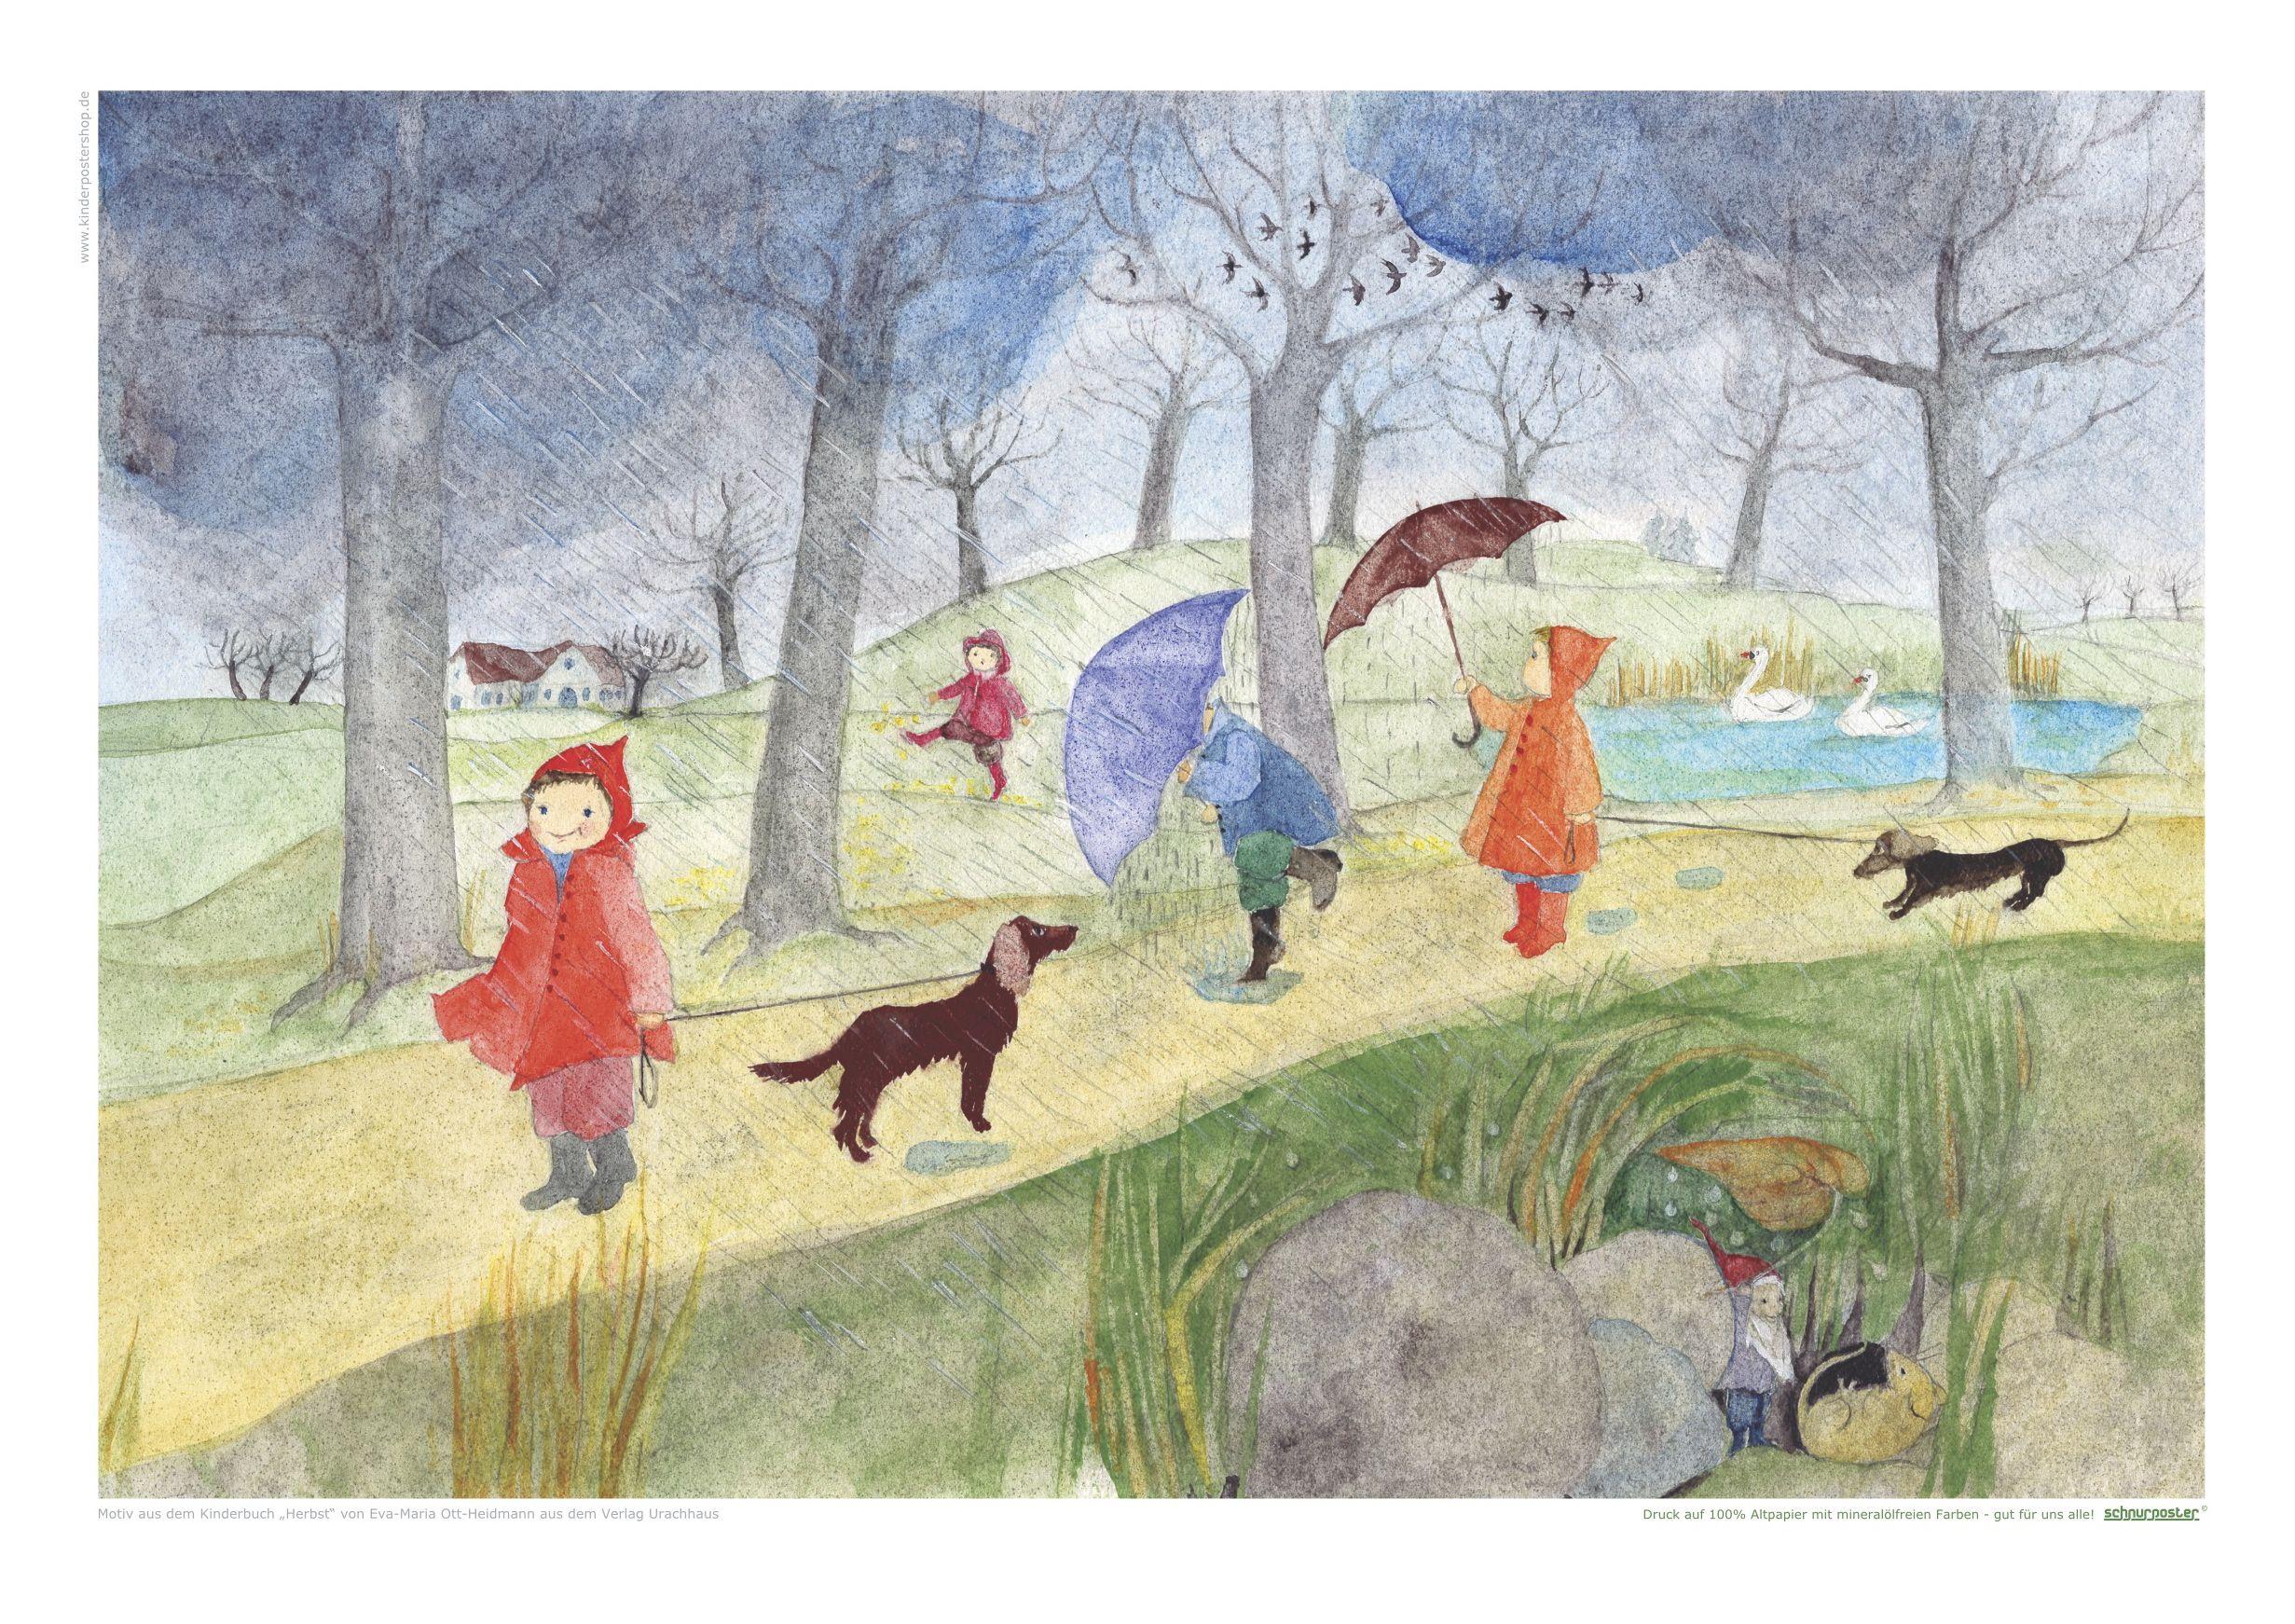 c946c455275b29 Poster im ÖKO-DRUCK mit Illustration von E.M.Ott-Heidmann aus Kinderbuch  Herbst